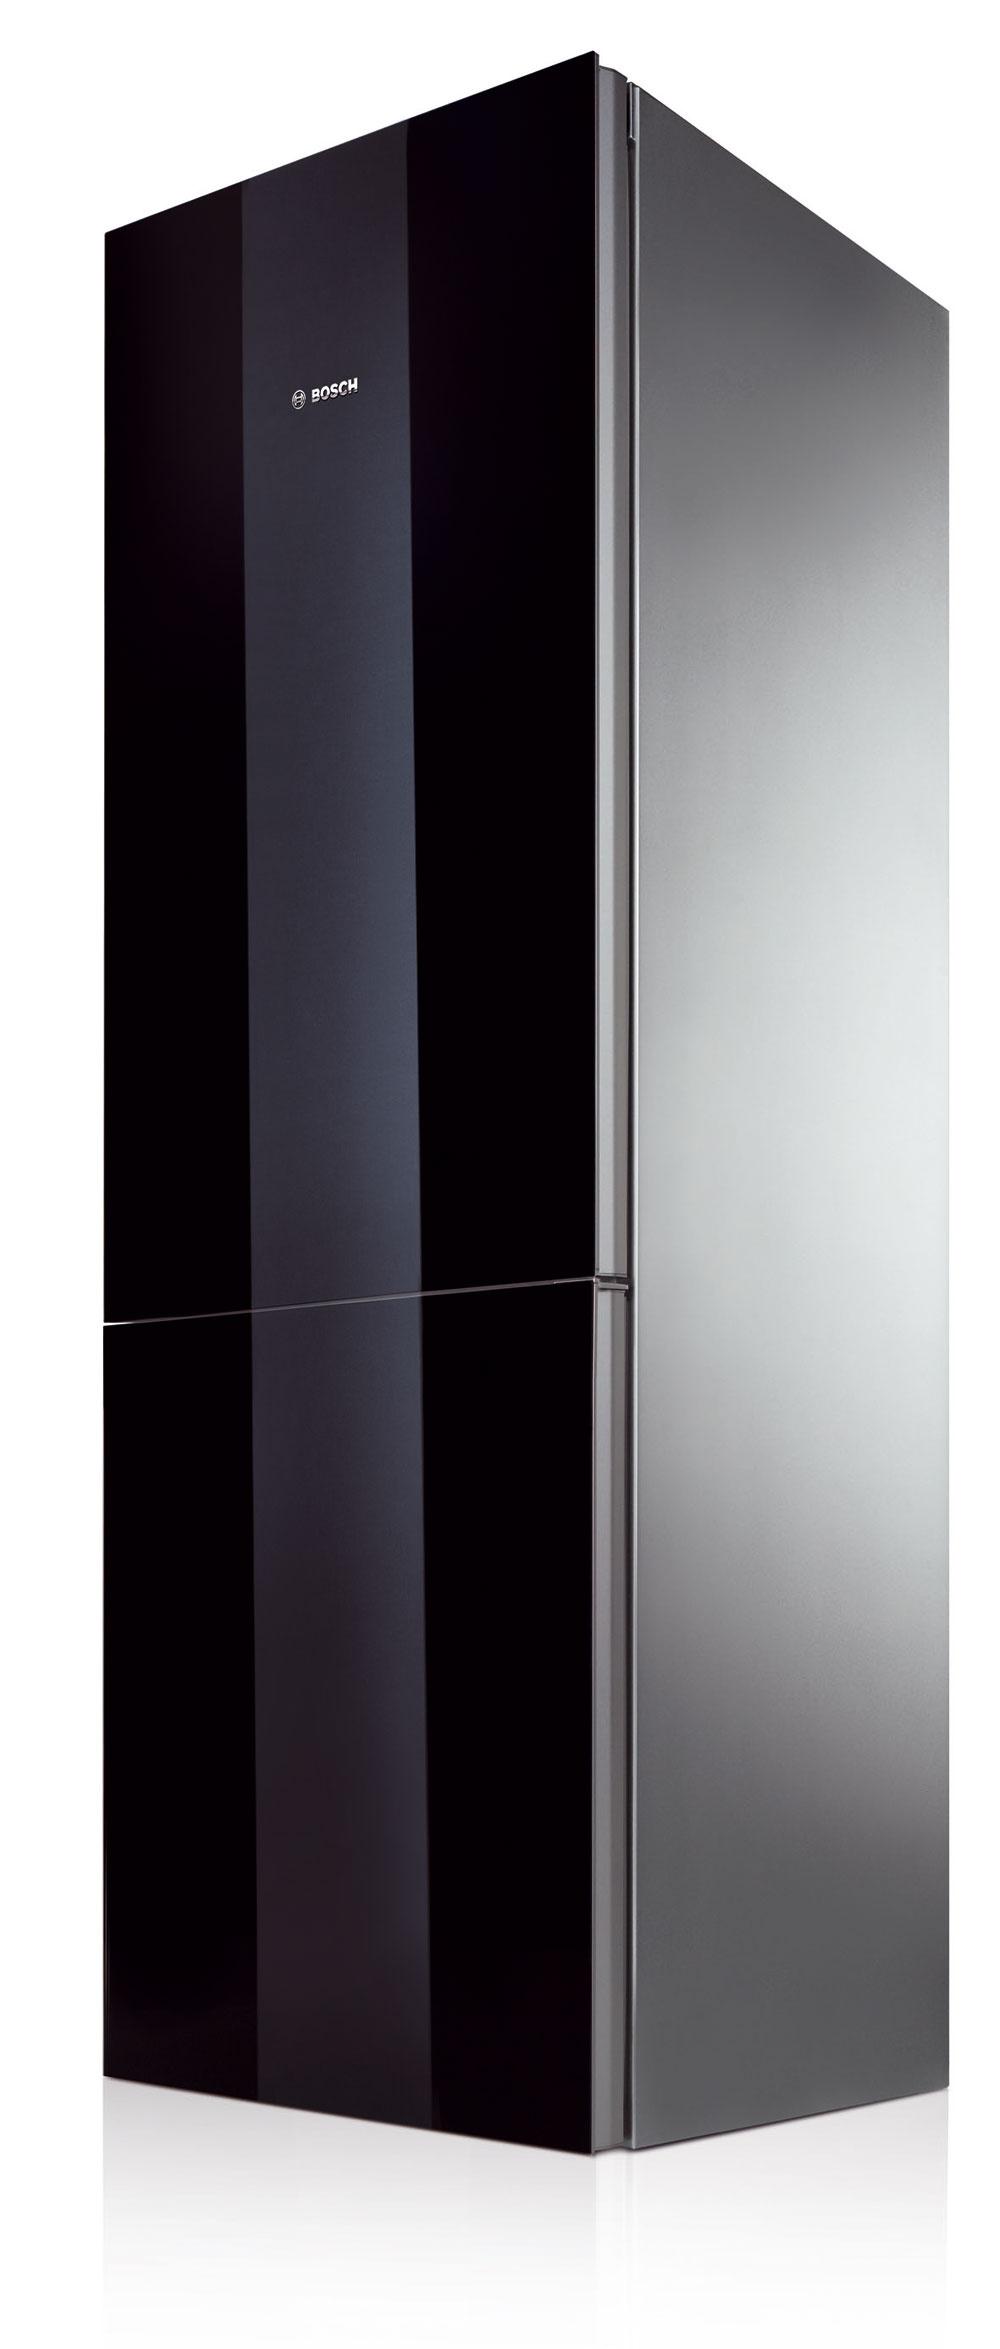 Kombinovaná chladnička Bosch KGN 36S51 NoFrost ColorGlass Edition. Antibacteria, systém MultiAirflow, spotreba 280 kWh/rok (0,76 kWh/deň), objem 284 litrov (221/63), hlučnosť 42 dB. Sklené dvere – integrovaná hliníková rukovať, strieborné boky, elektronická regulácia teploty pomocou TouchPremiumElectronic, LCD displej sgrafickým ukazovateľom spotreby energie, funkcia BottleTimer, úsporný režim ECO adovolenková prevádzka, detská poistka, filter AirFresh, ChillerSafe (–2 °C až +3 °C), superchladenie. Mraznička: supermrazenie, automatické odmrazovanie, 5-násobný bezpečnostný systém sakustickým signálom, kapacita mrazenia 8 kg/24 h, čas chladenia pri poruche 17 h, BigBox, (PizzaBox) sklapkou, IceTwister – výrobník ľadu, 2 chladiace akumulátory. Cena 1 099 €